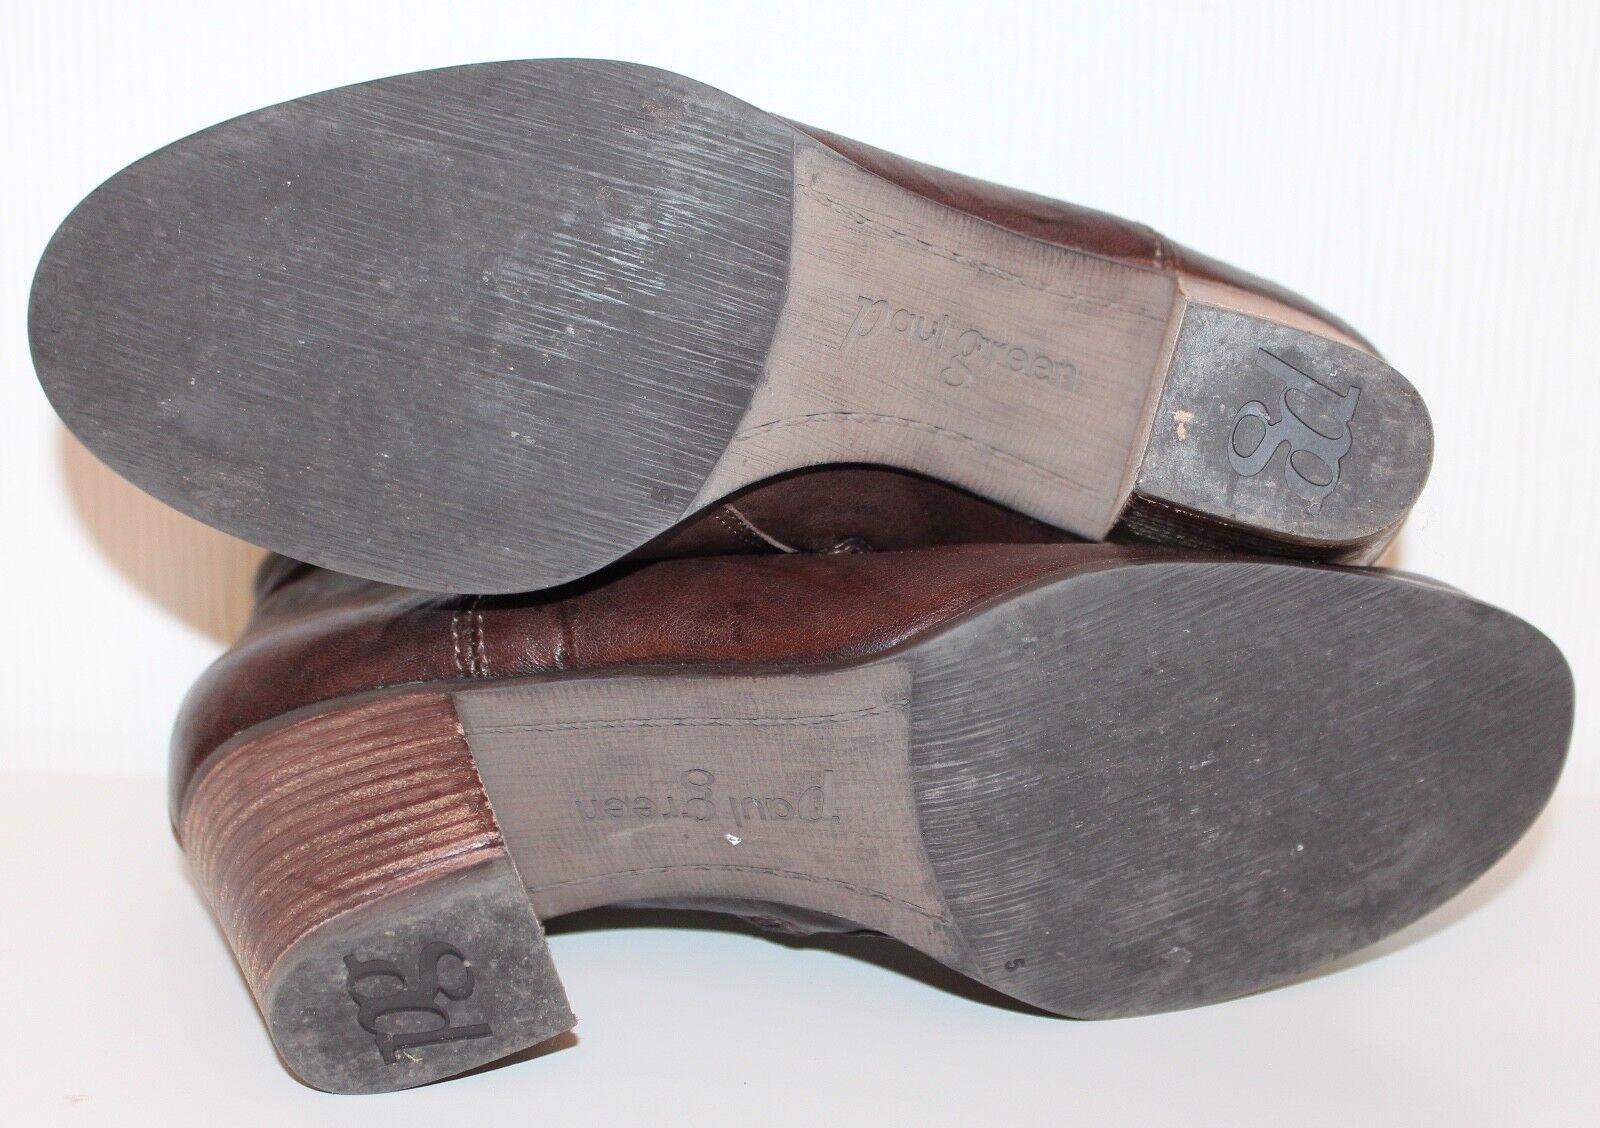 PAUL GREEN Stiefeletten ANKLE Stiefel 38 Chelsea Schuhe UK5 LEDER Pistol Chelsea 38 BOOTIES 1a40dc